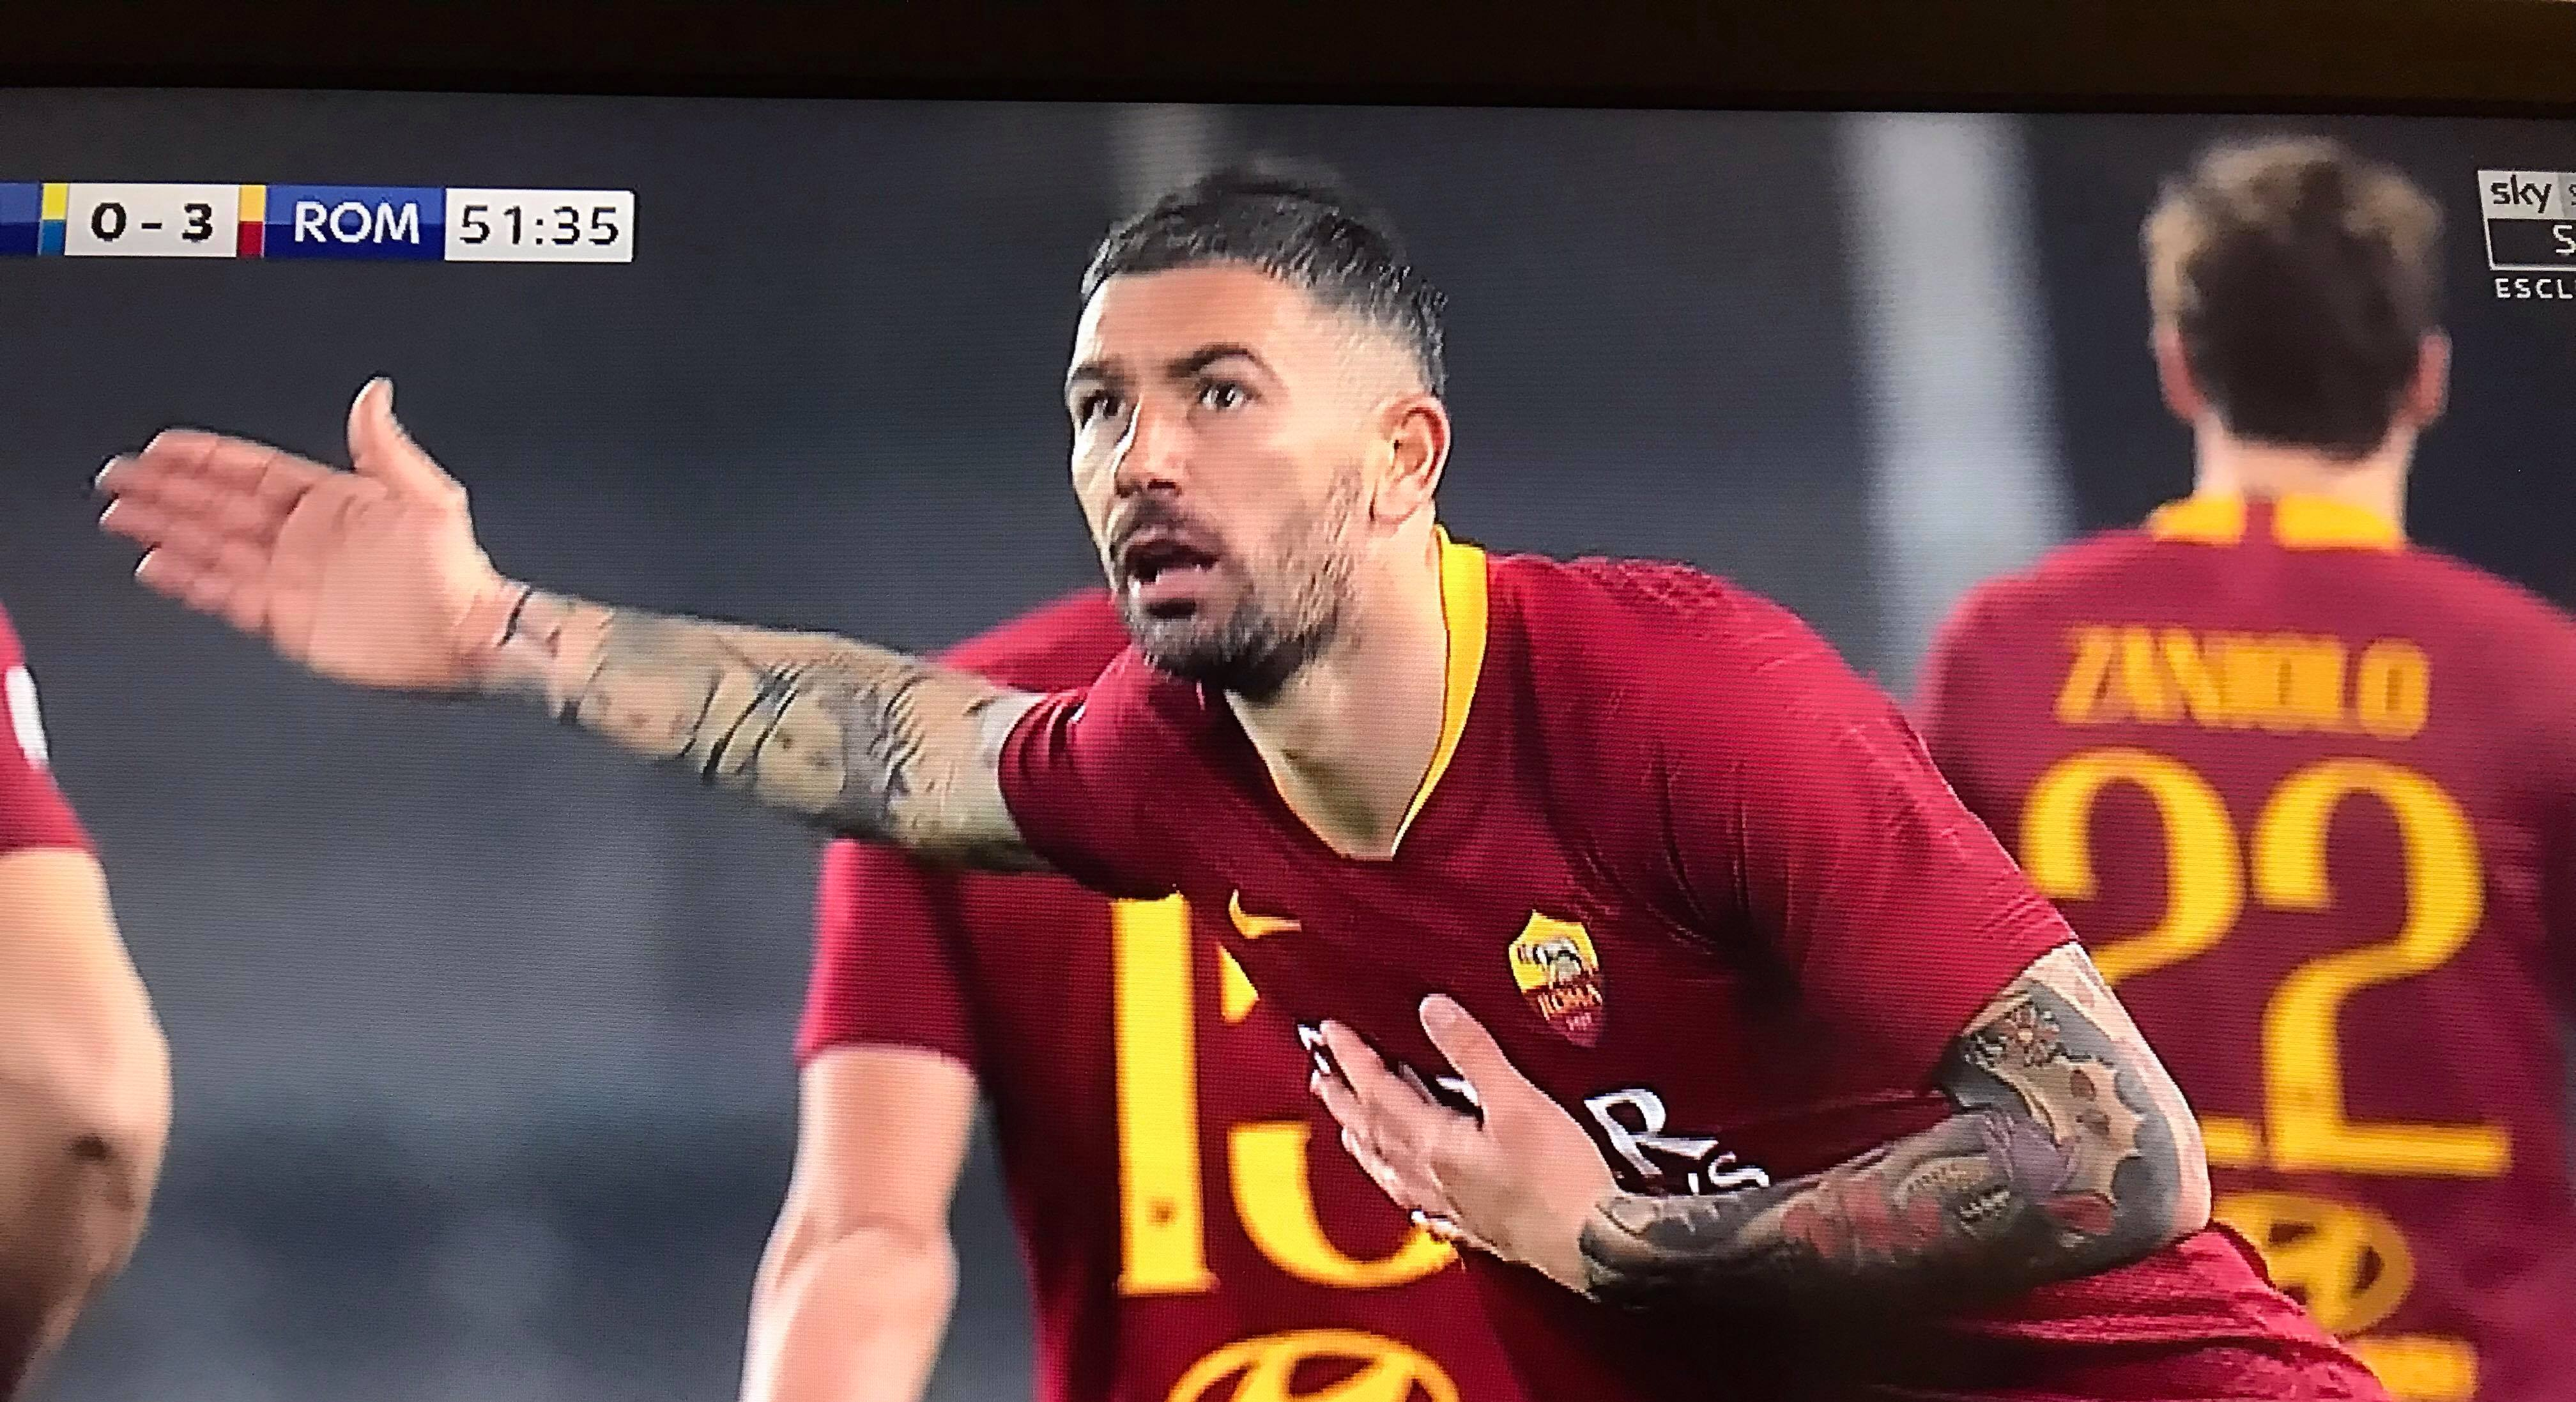 📸 FOTO – Kolarov e quel gesto ai tifosi dopo il gol: cosa c'è dietro l'esultanza